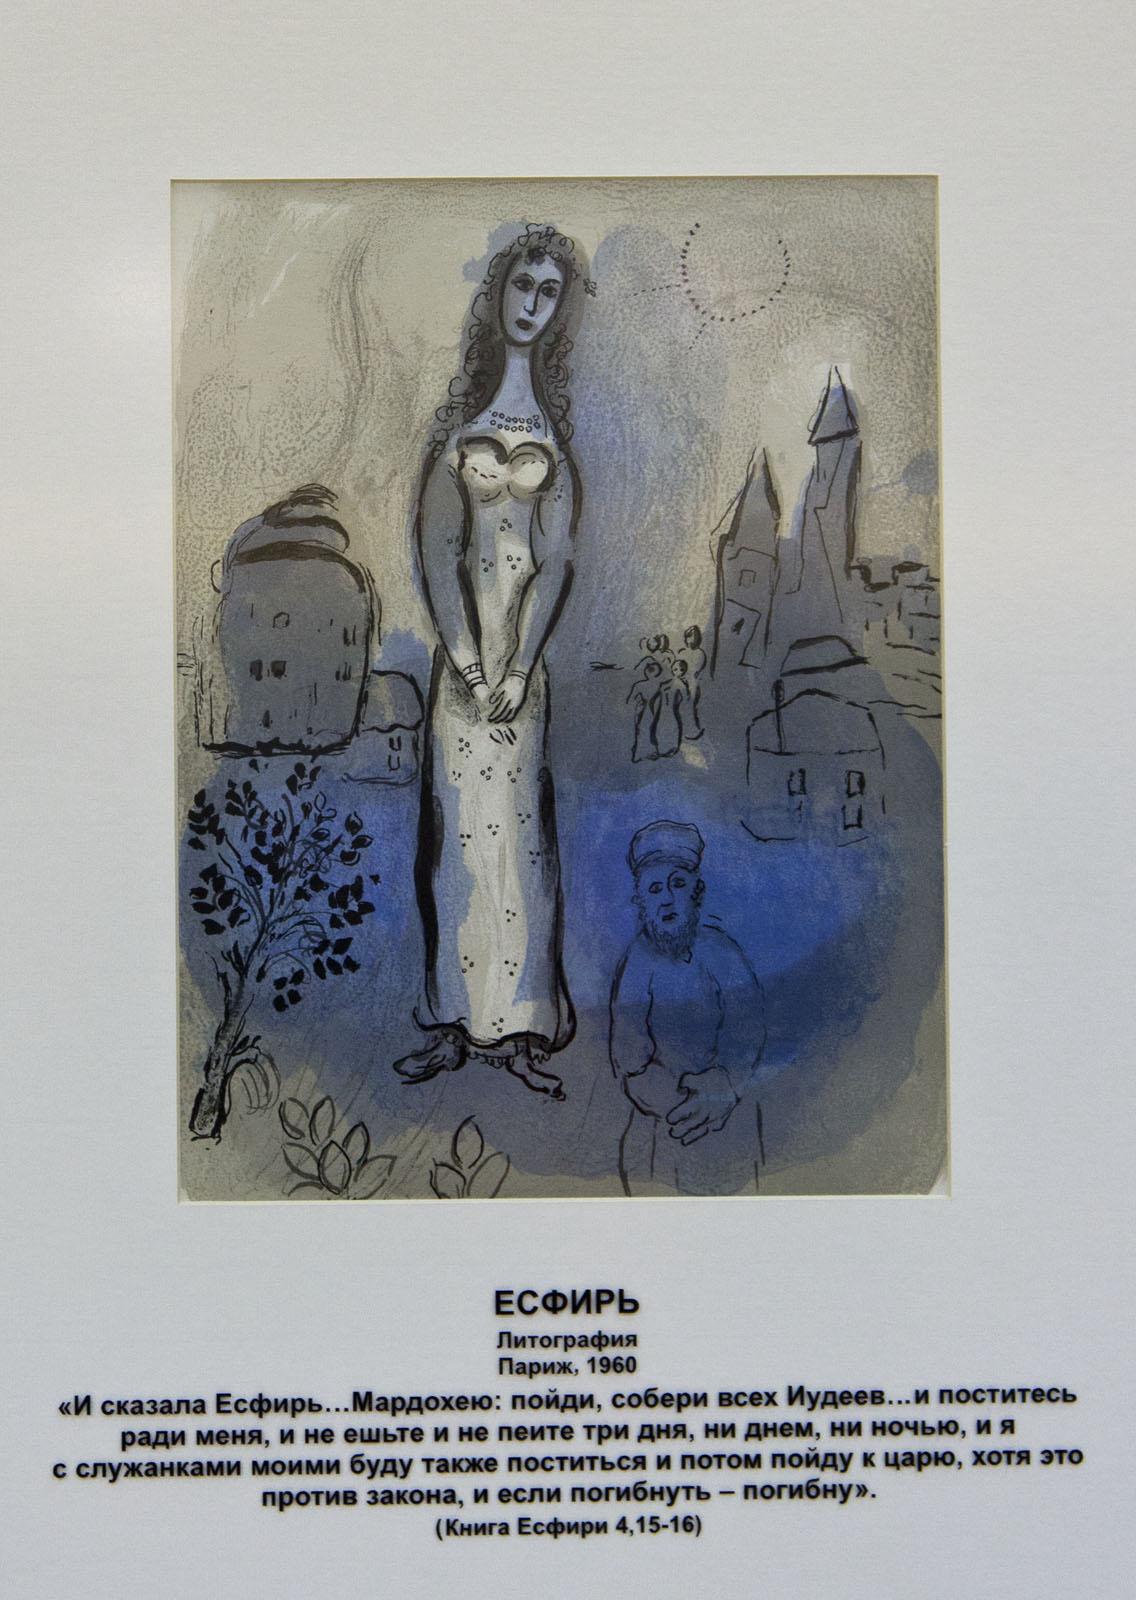 Фото №74446. «Есфирь», Марк Шагал, литография, Париж, 1960